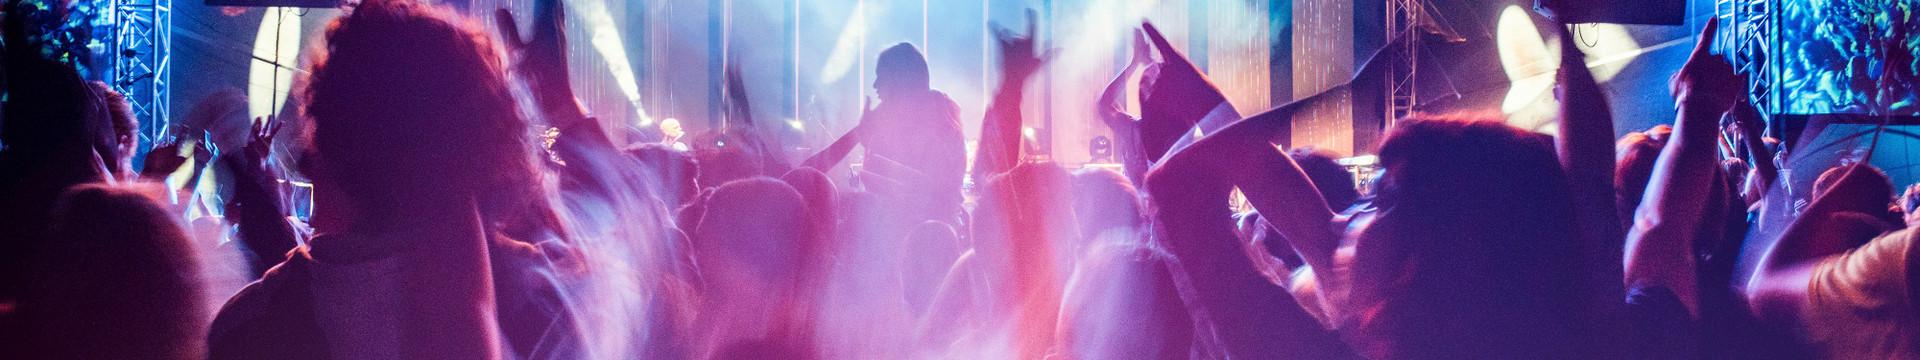 Concert - Westgate Las Vegas